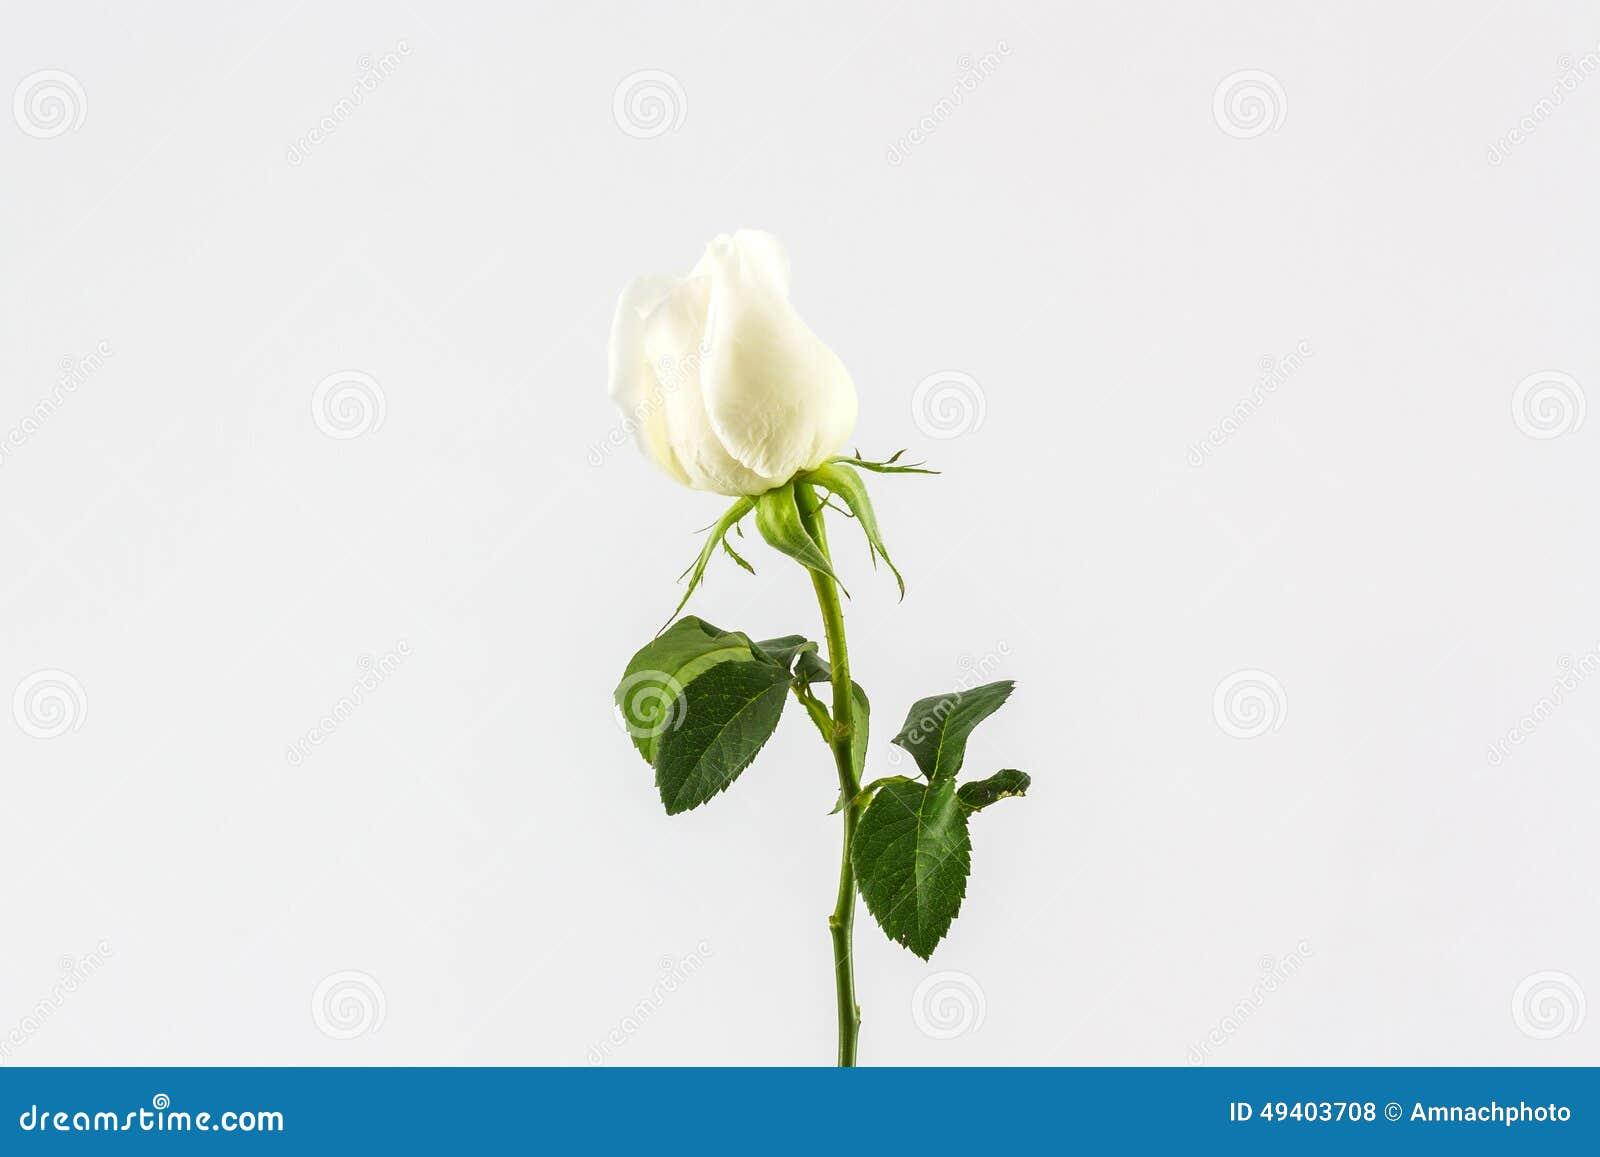 Download Weiß stieg stockfoto. Bild von geläufig, blume, botanisch - 49403708